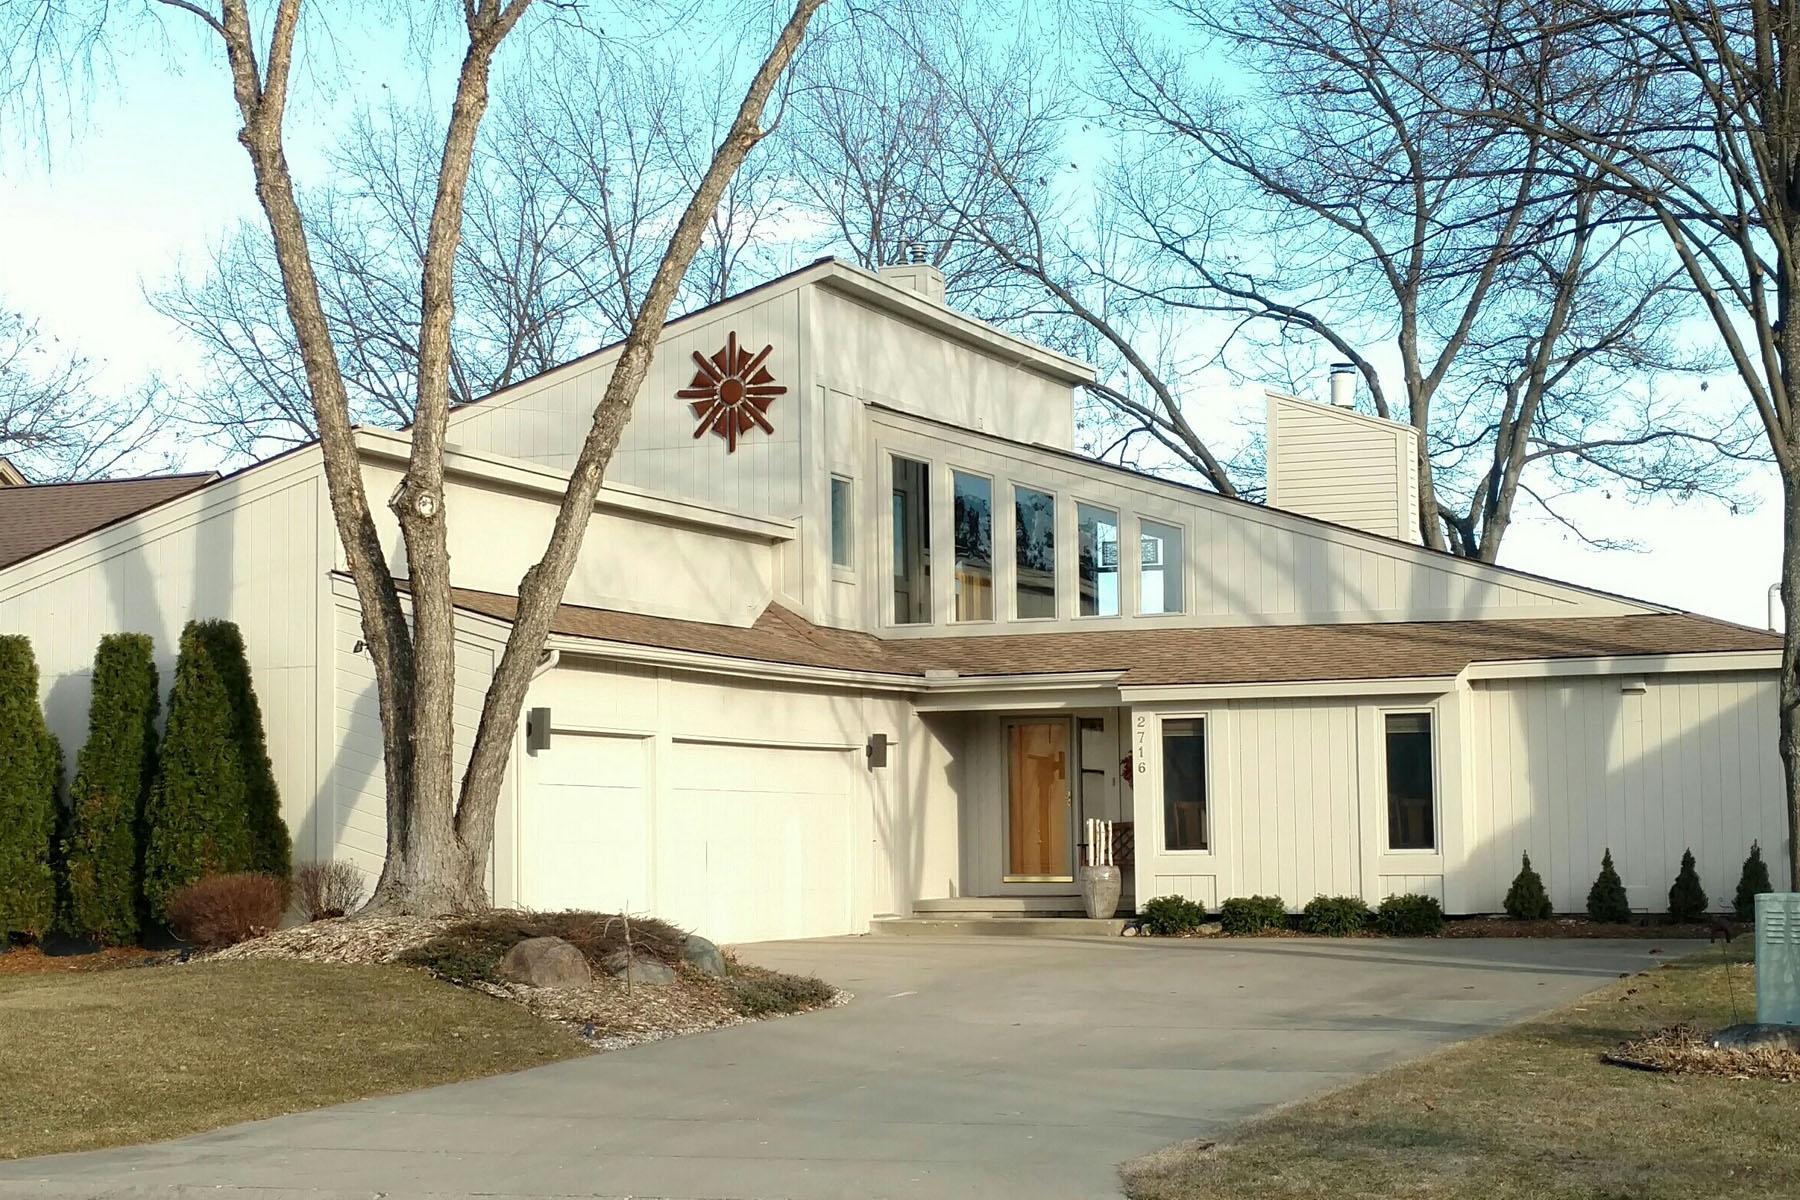 独户住宅 为 销售 在 Orion Township 2716 Browning 奥莱恩镇, 密歇根州, 48360 美国